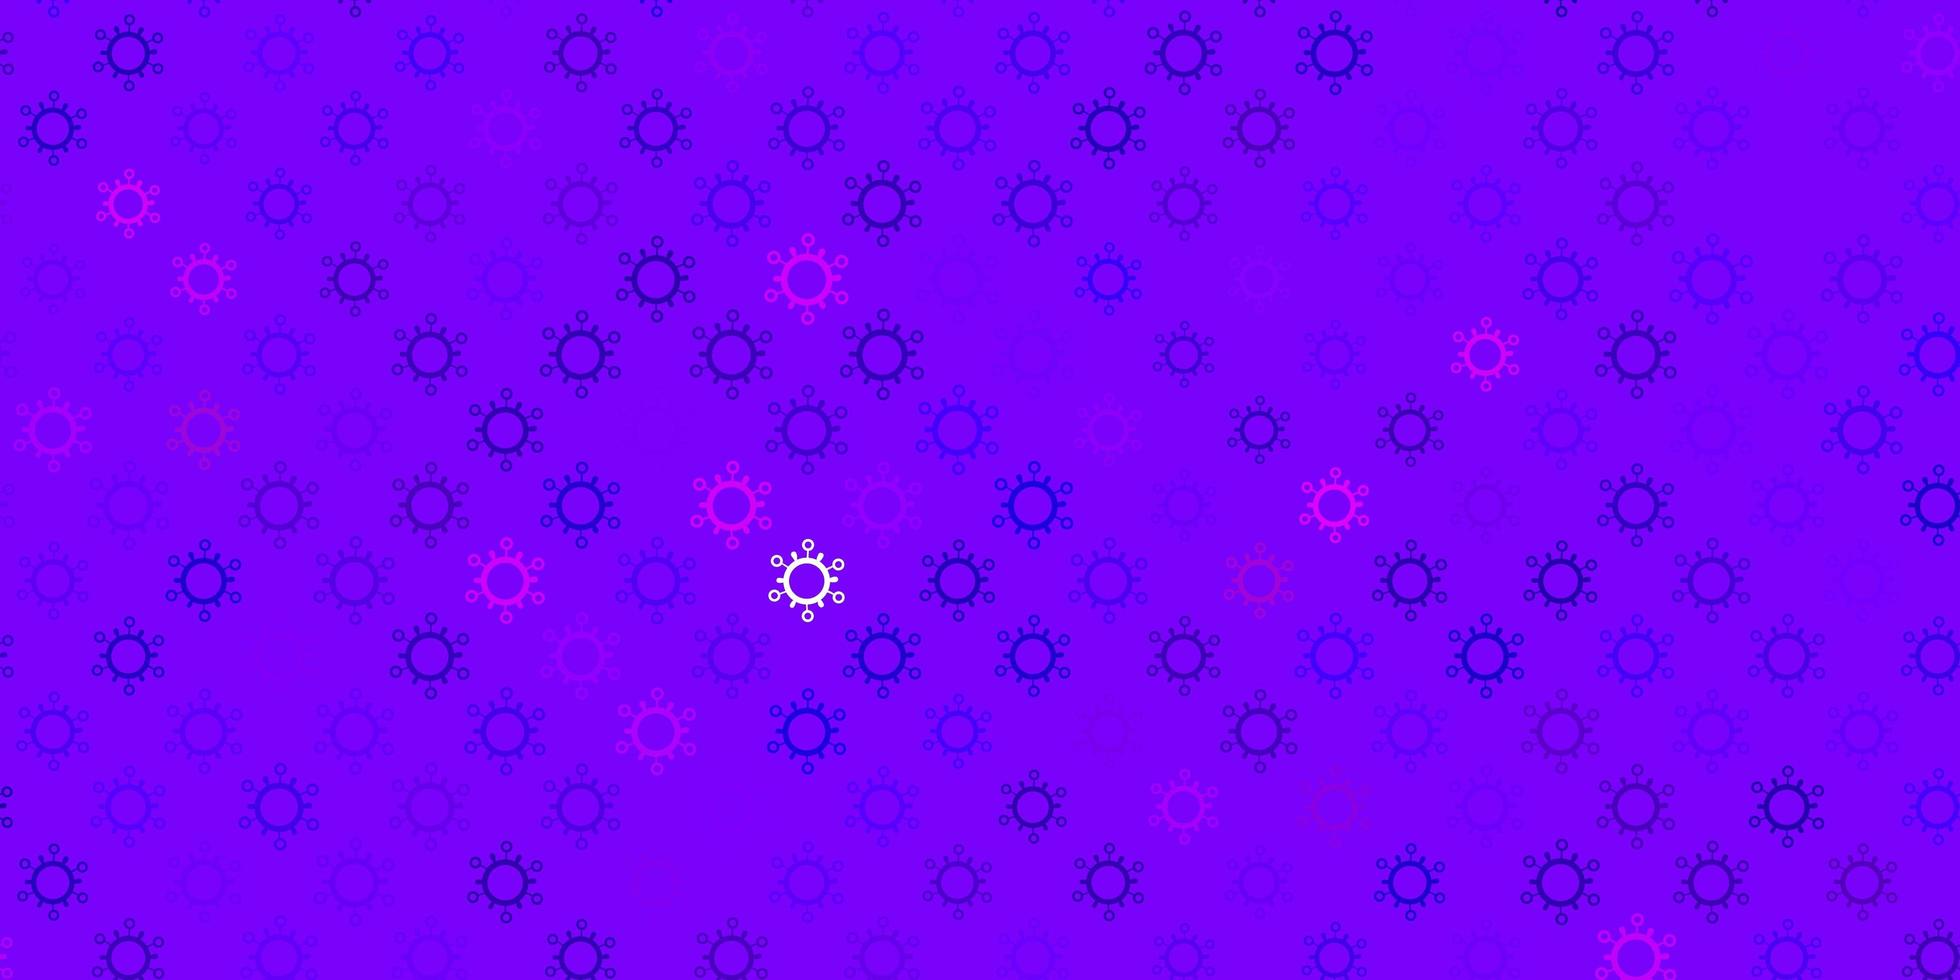 fond de vecteur violet foncé, rose avec symboles covid-19